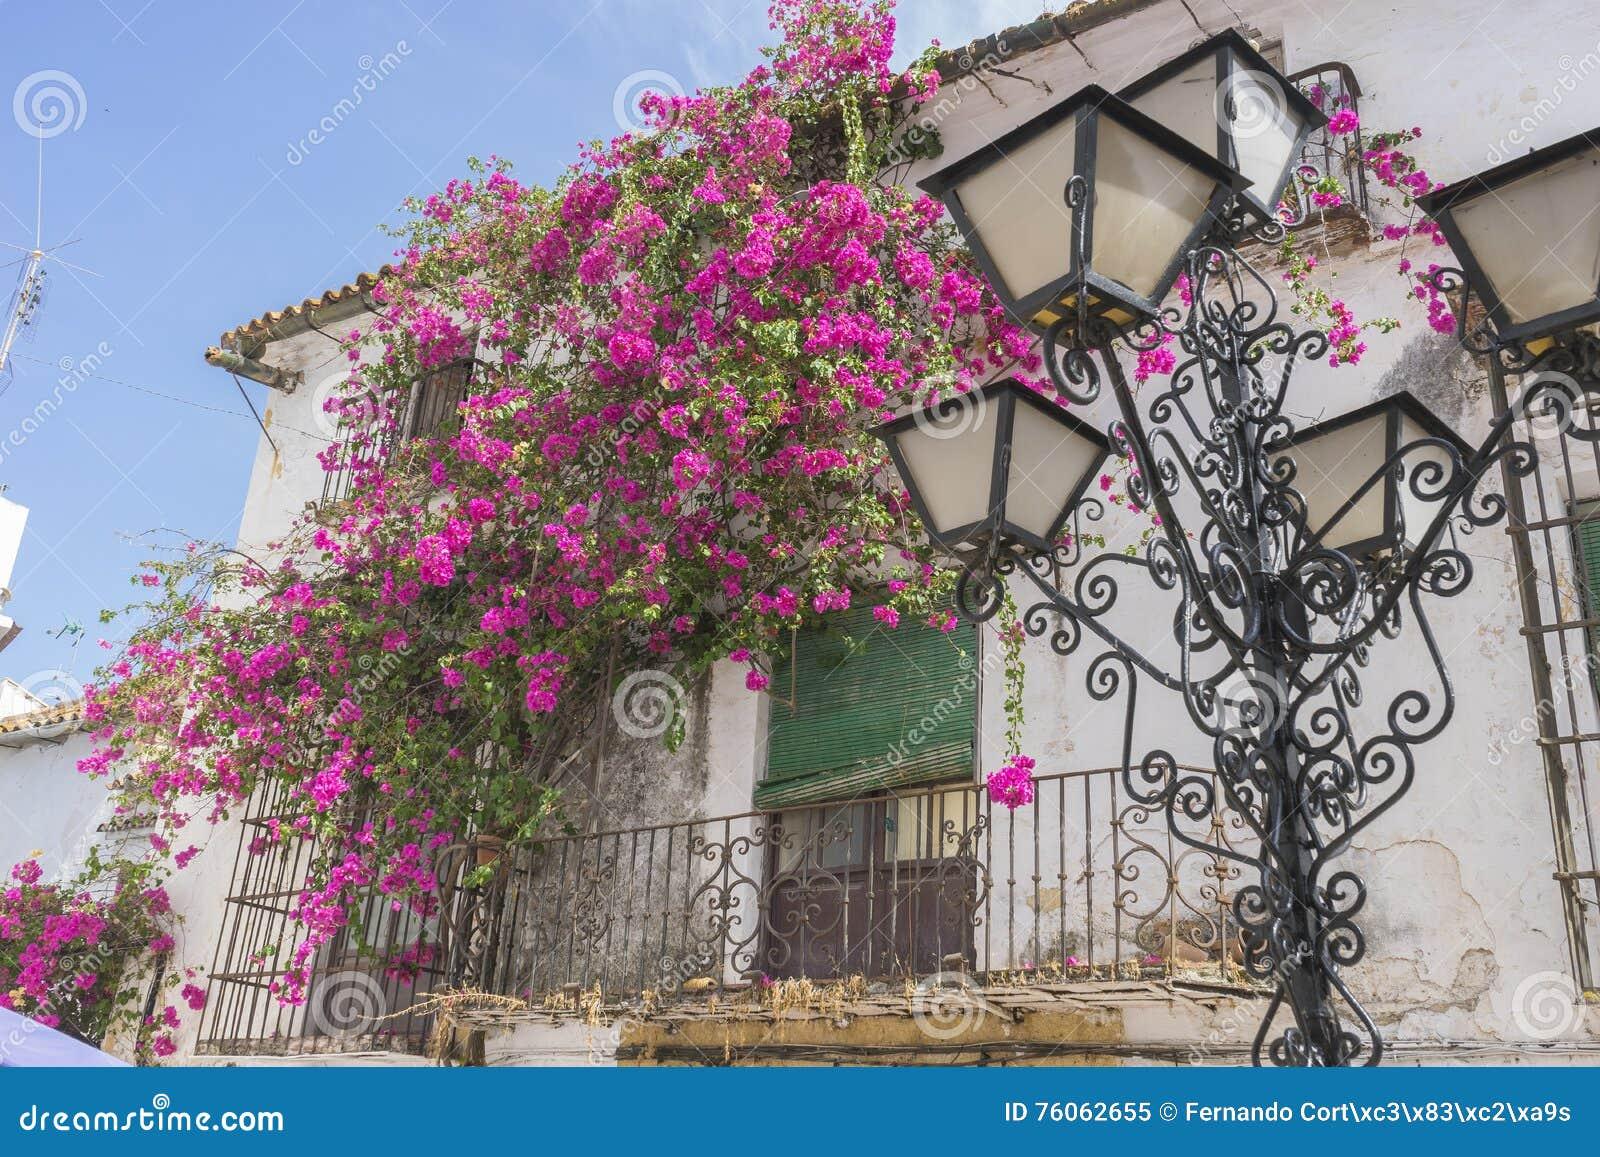 Wakacje, architektura i ulicy biali kwiaty w Marbella A,